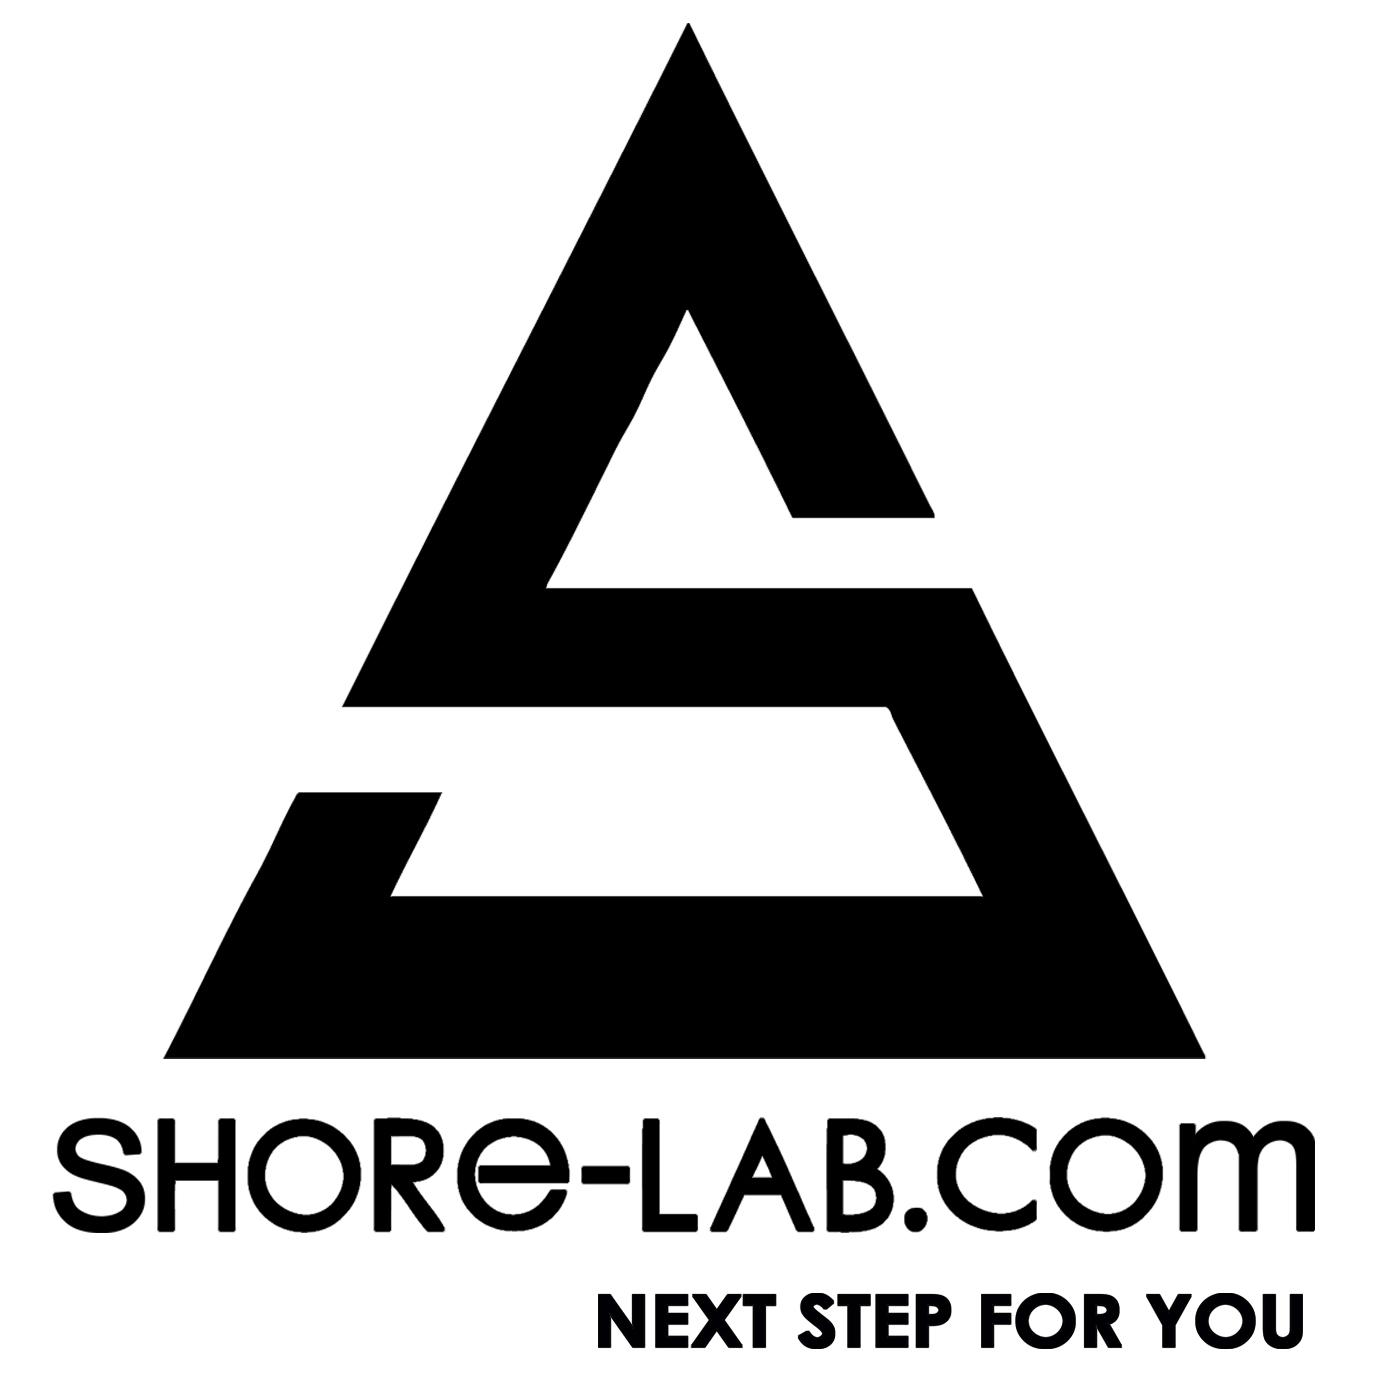 Shore Lab